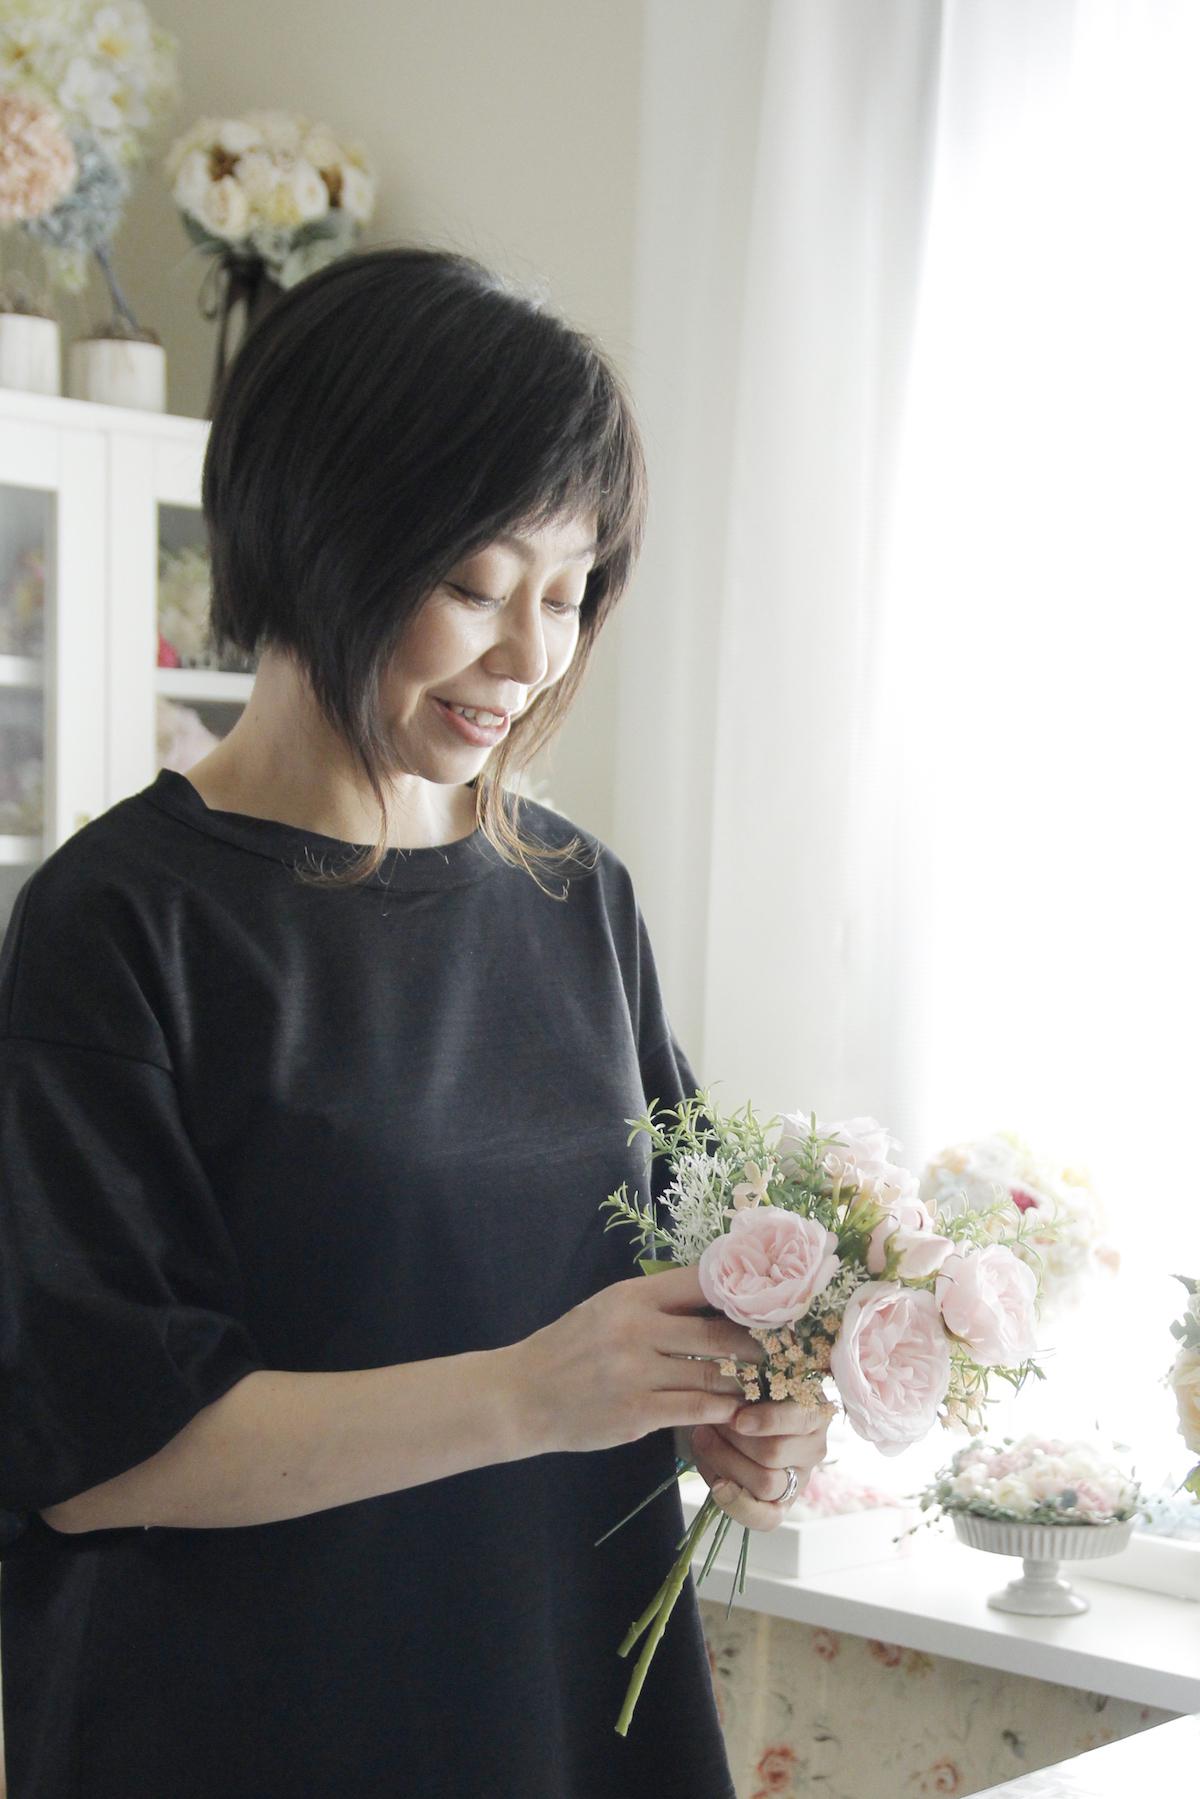 Sakaseruフラワーデザイナー宮崎恵美子